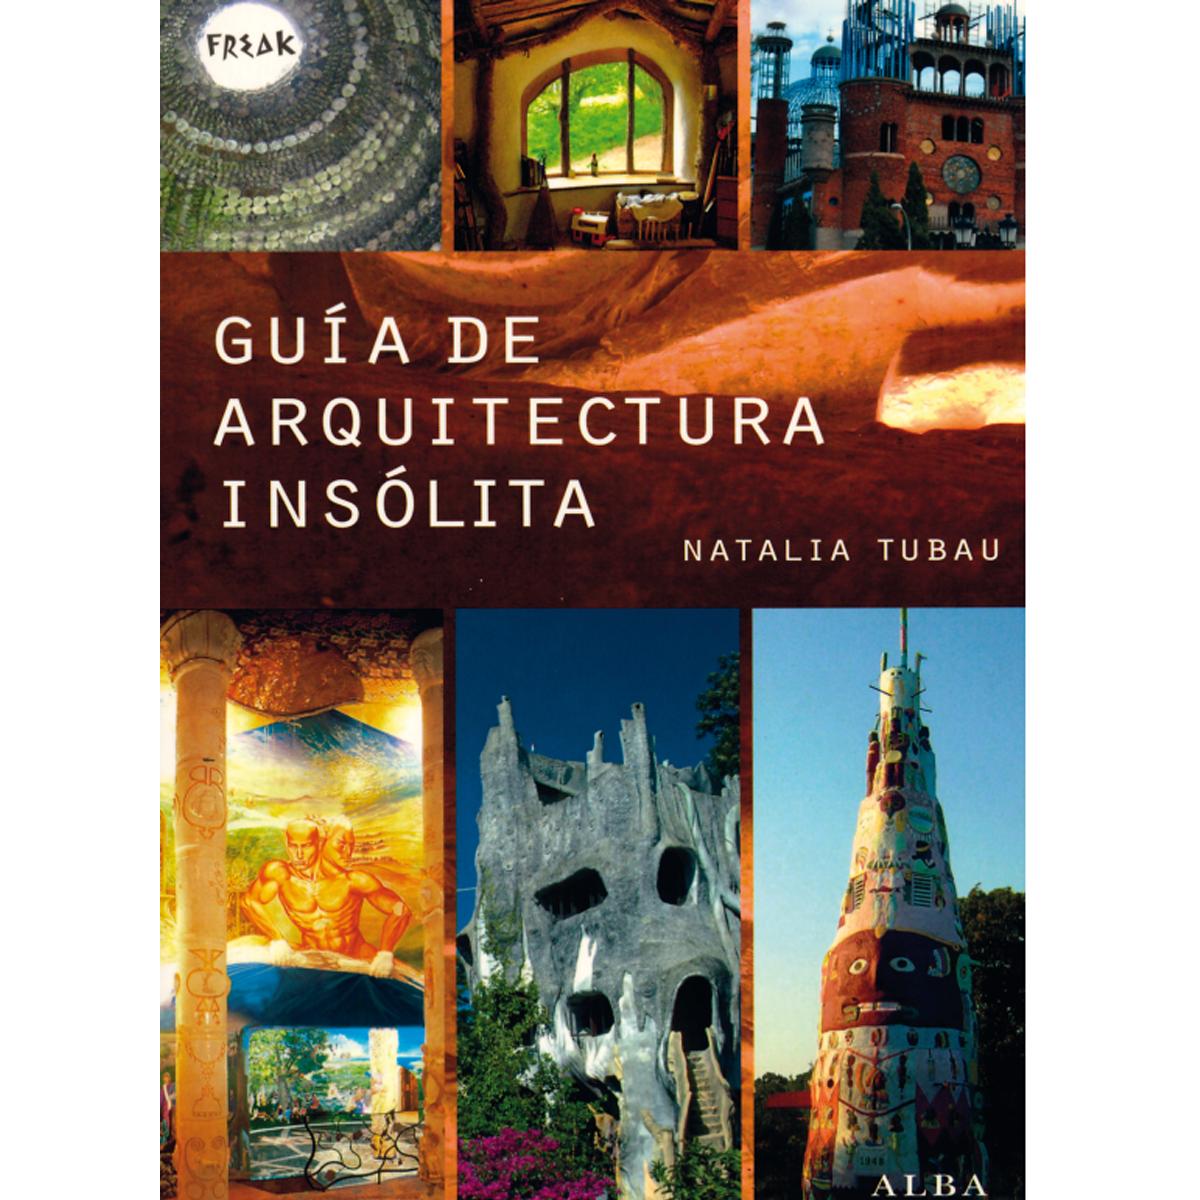 Guía de arquitectura insólita